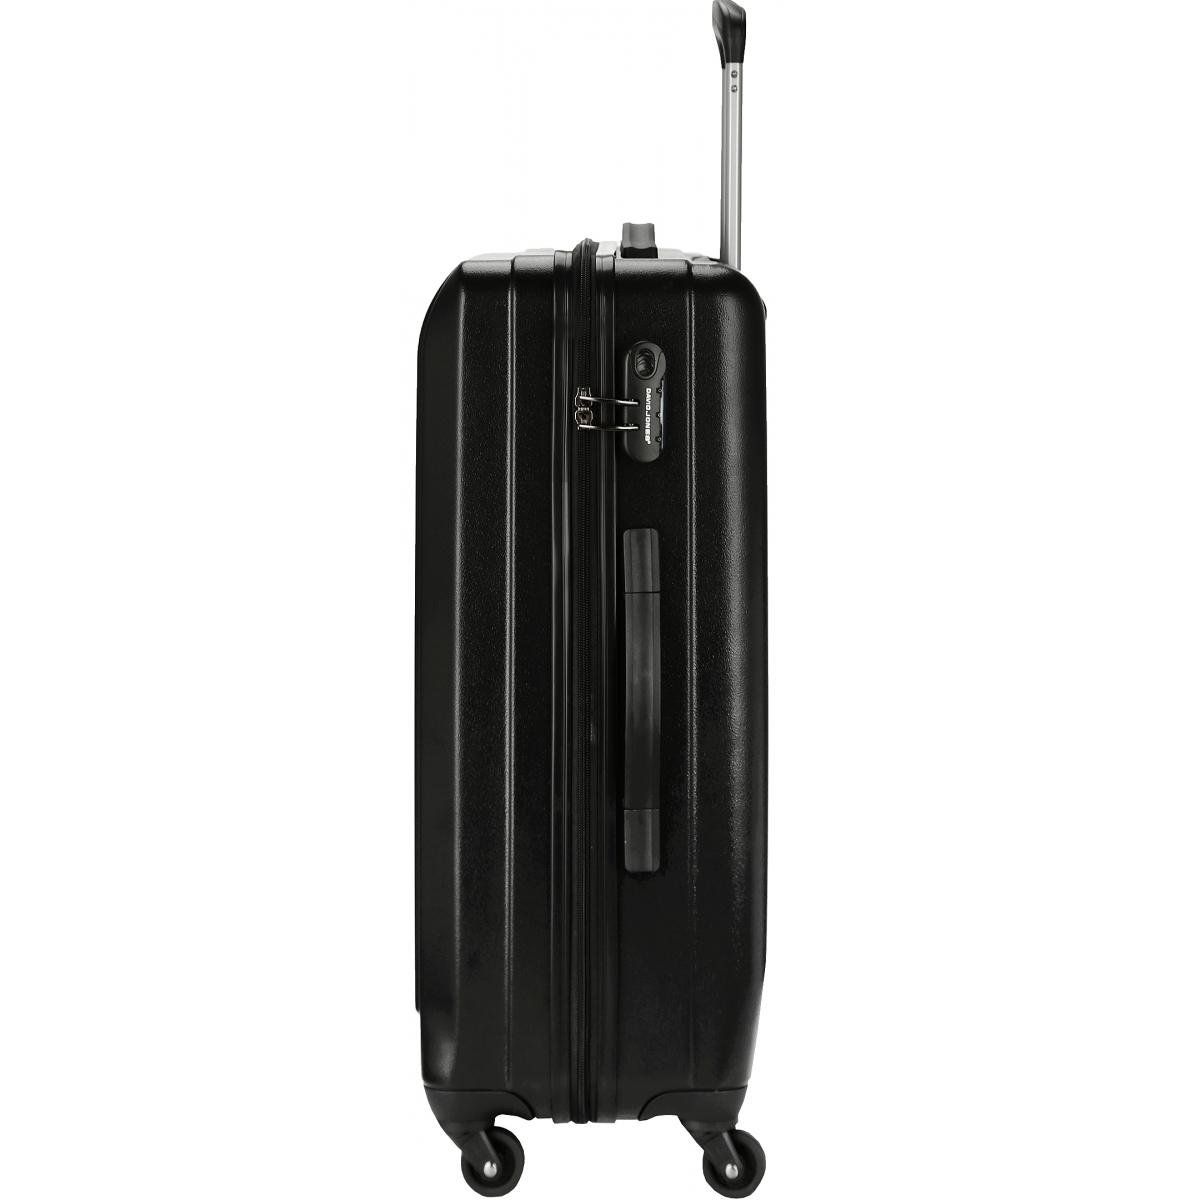 valise rigide david jones taille m 66cm ba10151m couleur principale black valise pas. Black Bedroom Furniture Sets. Home Design Ideas